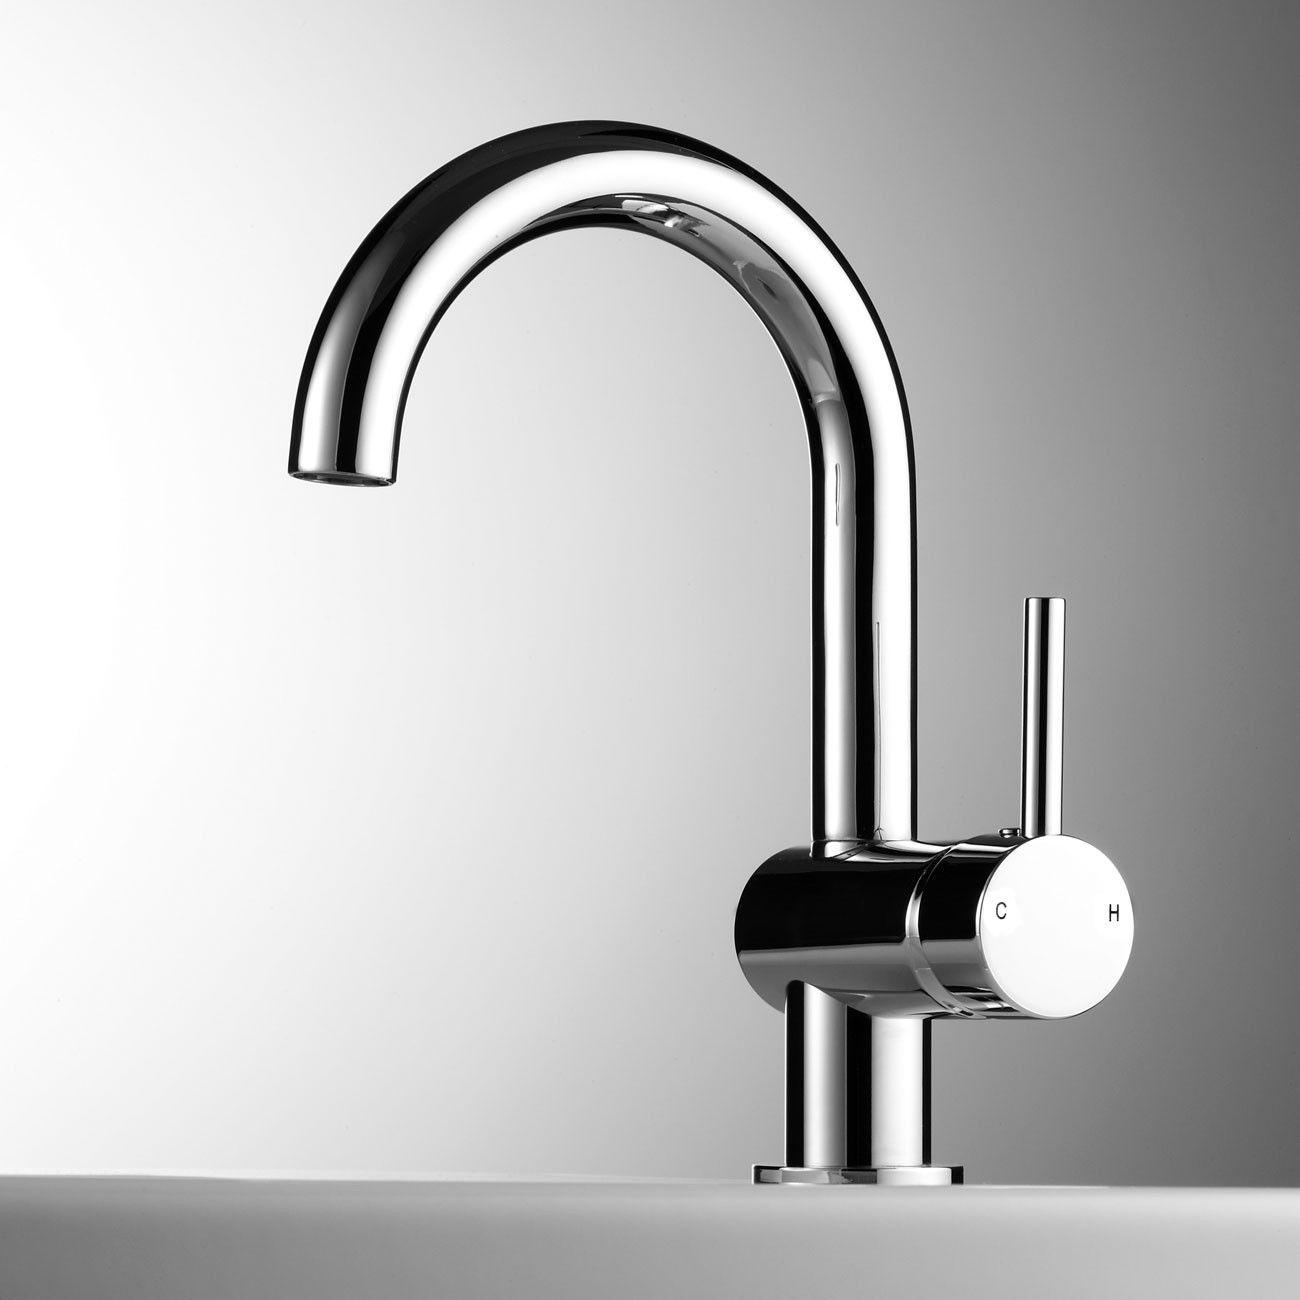 Tonic Round Basin Mixer Tap - Rogerseller | Longueville | Pinterest ...